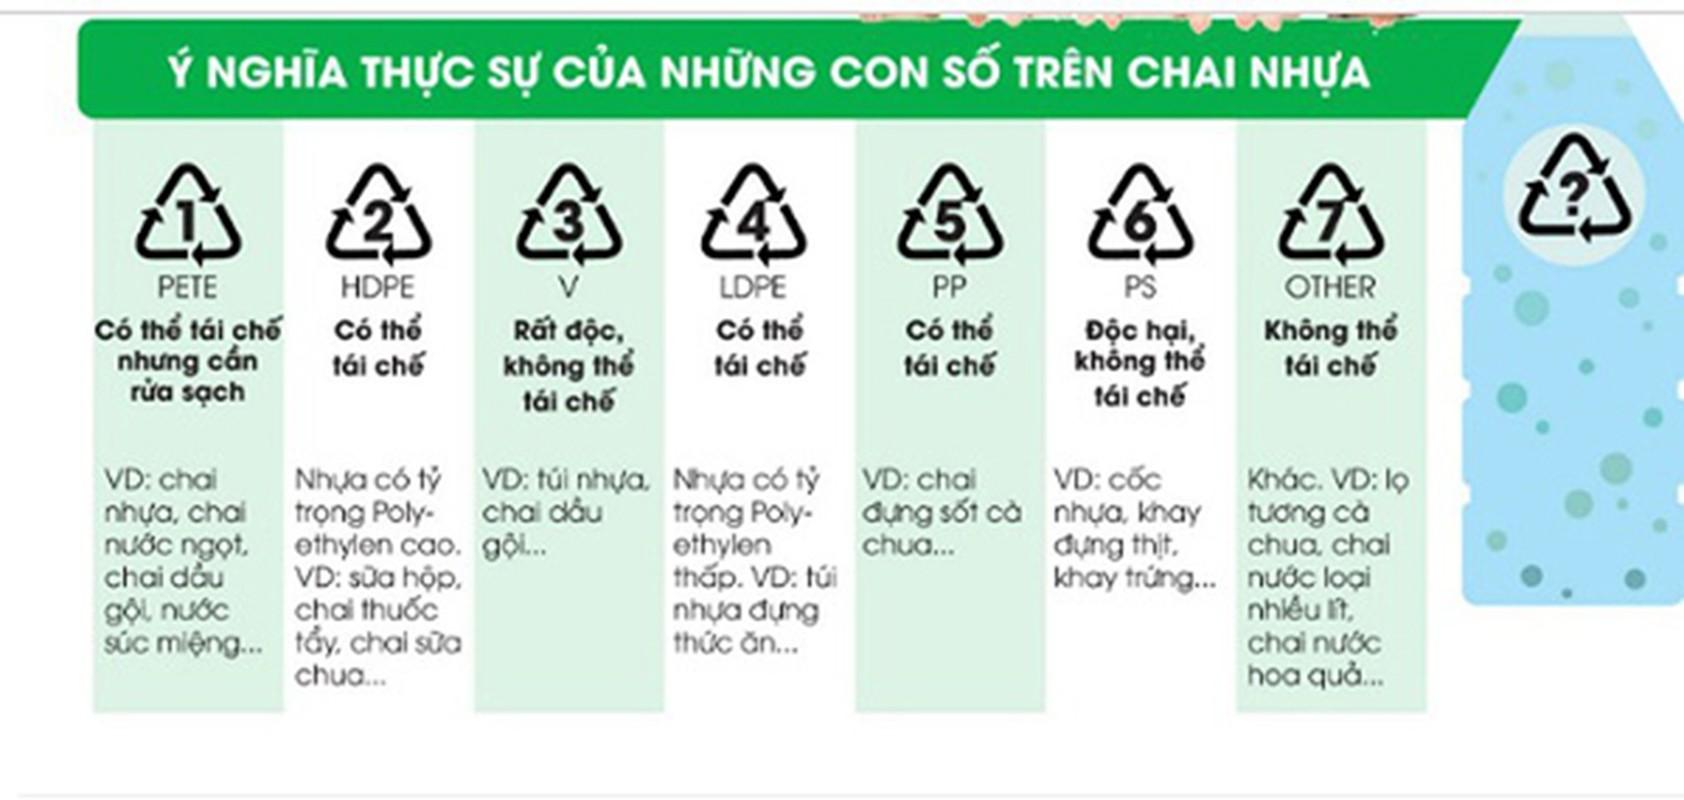 """Uong nuoc nong tu loai binh nay khong khac gi """"dau doc"""" co the-Hinh-6"""